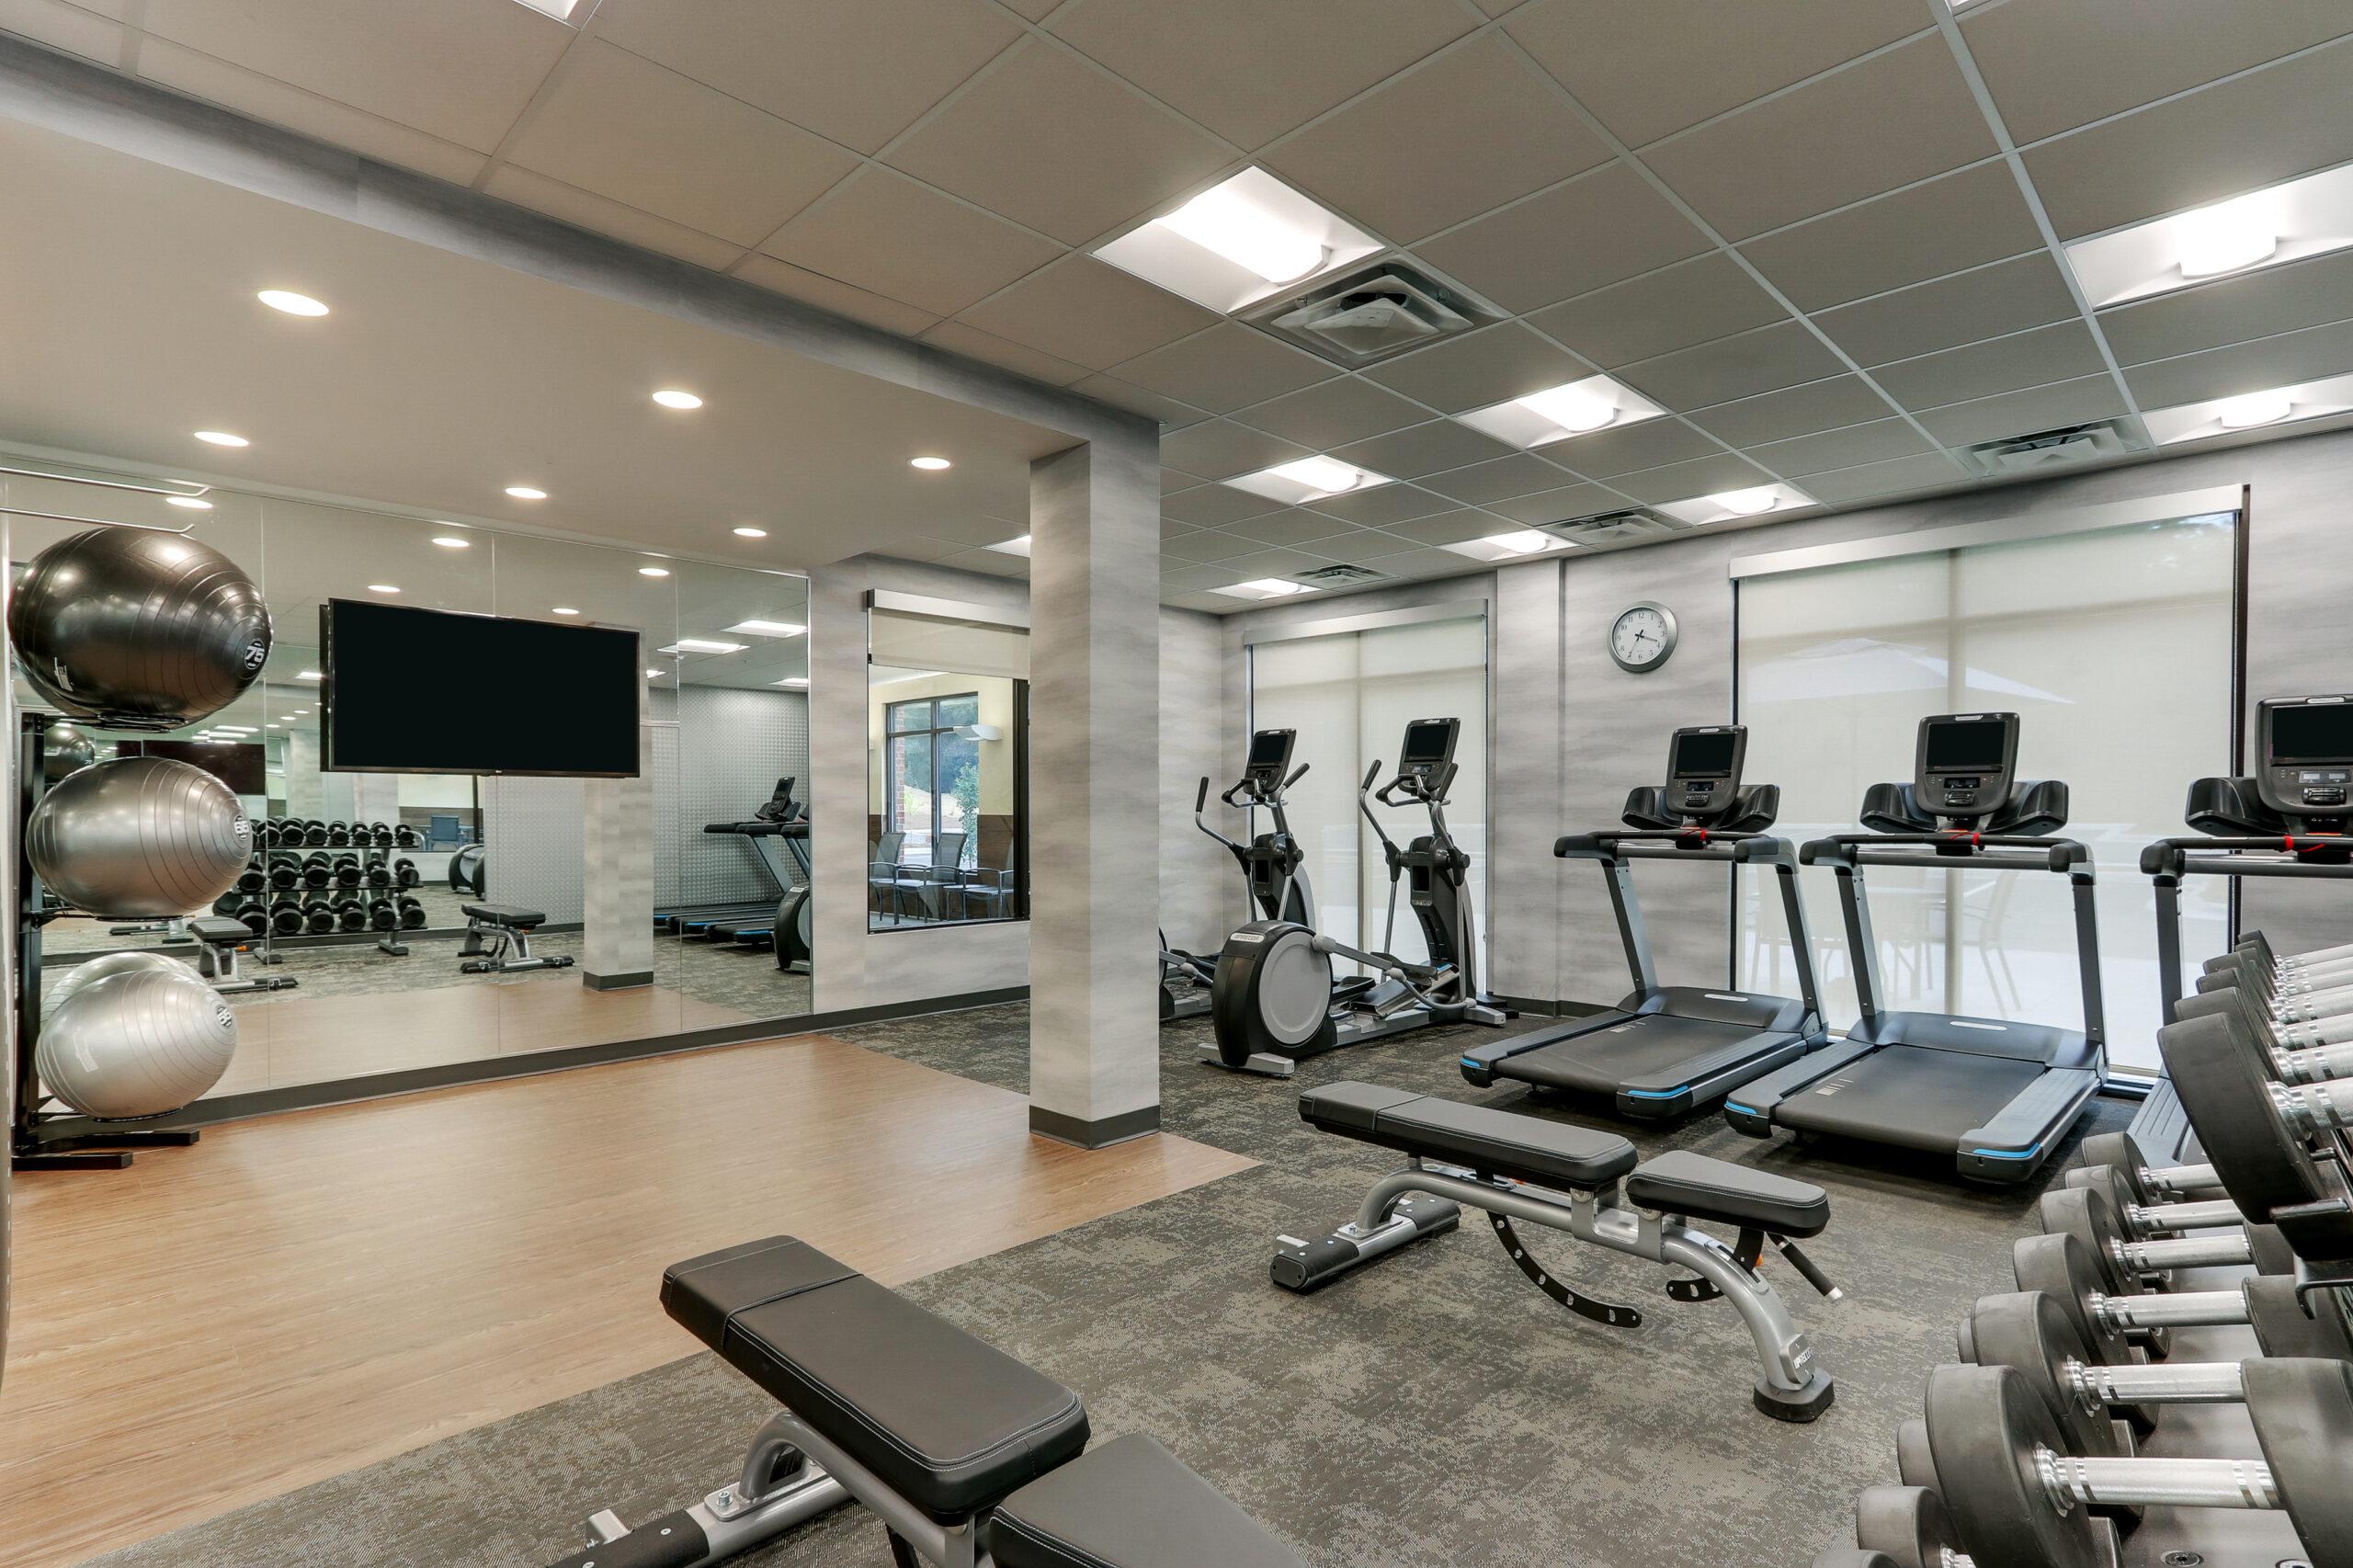 FF_AVLFW_Fitness Center 02